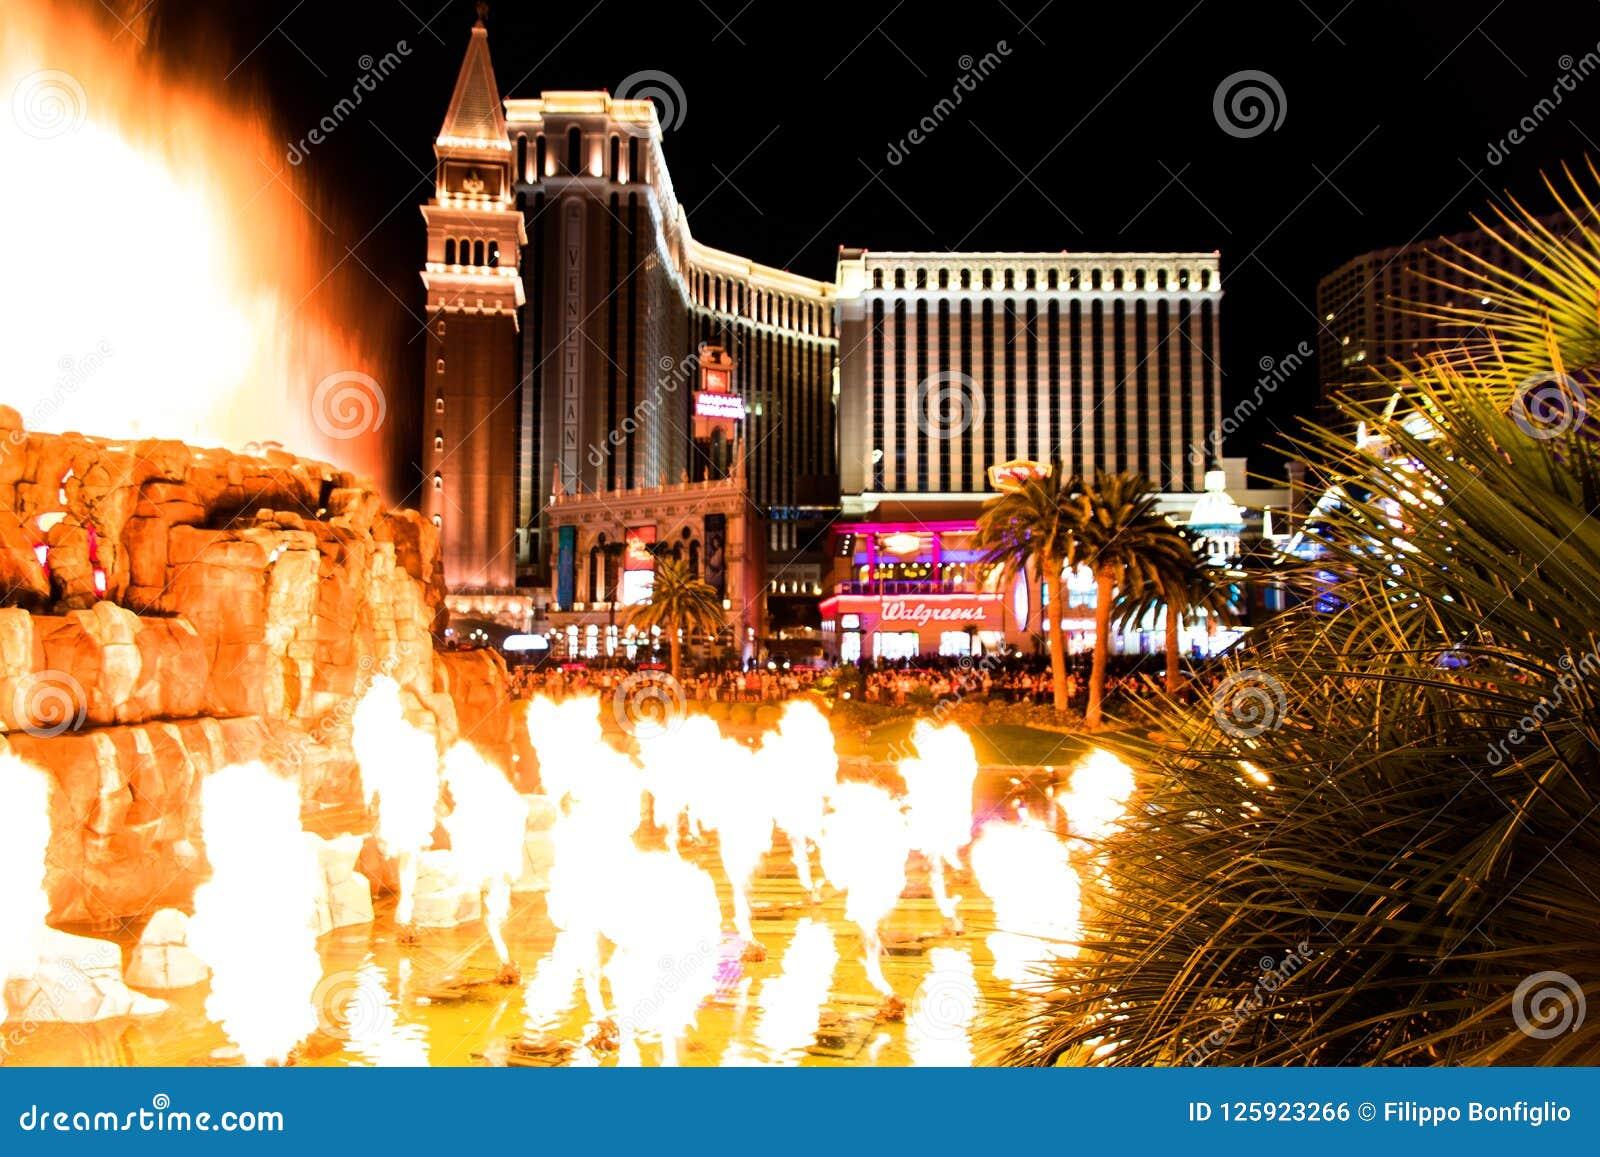 Las Vegas, nanovoltio, los E.E.U.U. 09032018: opinión de la noche del veneciano del volcán del espejismo